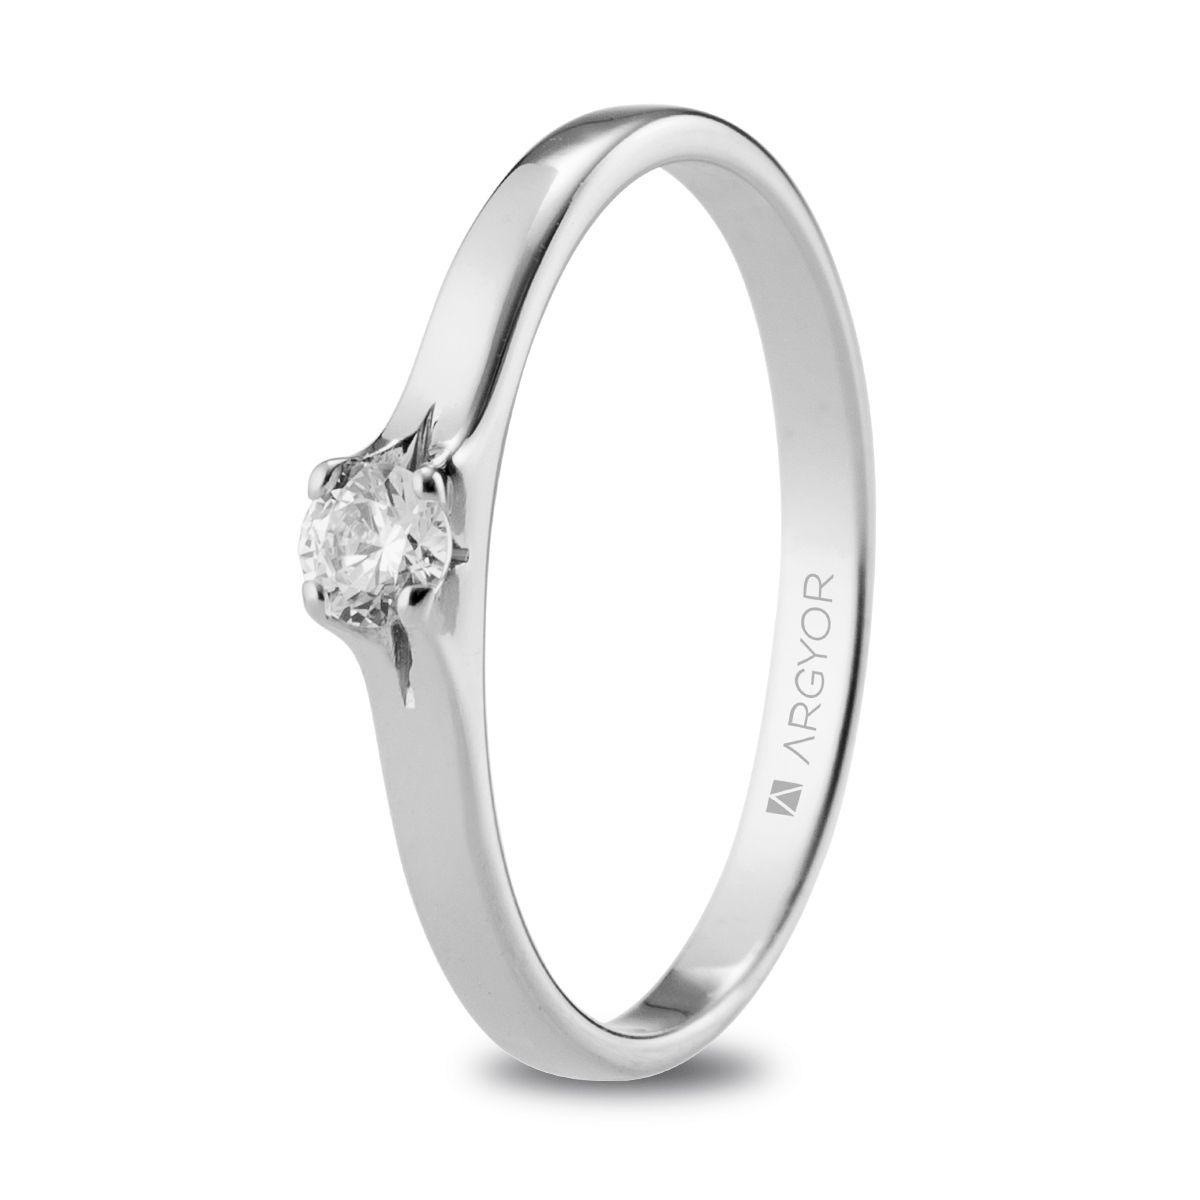 3b8c7e5fa140 Anillo de compromiso Argyor o. blanco 1 diamante 0.15ct. Sortija con un  diamante